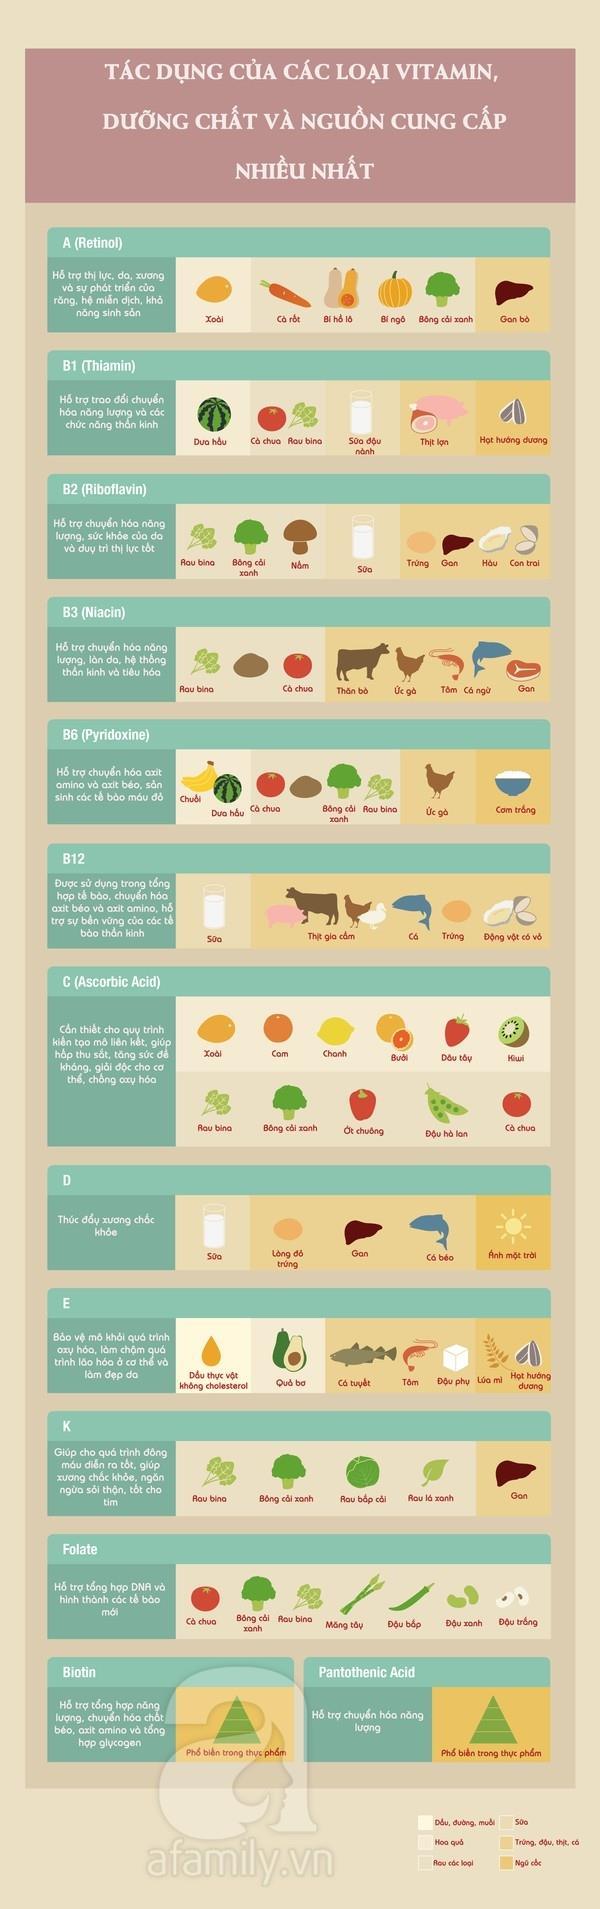 Những nguồn thực phẩm bổ sung vitamin dồi dào nhất